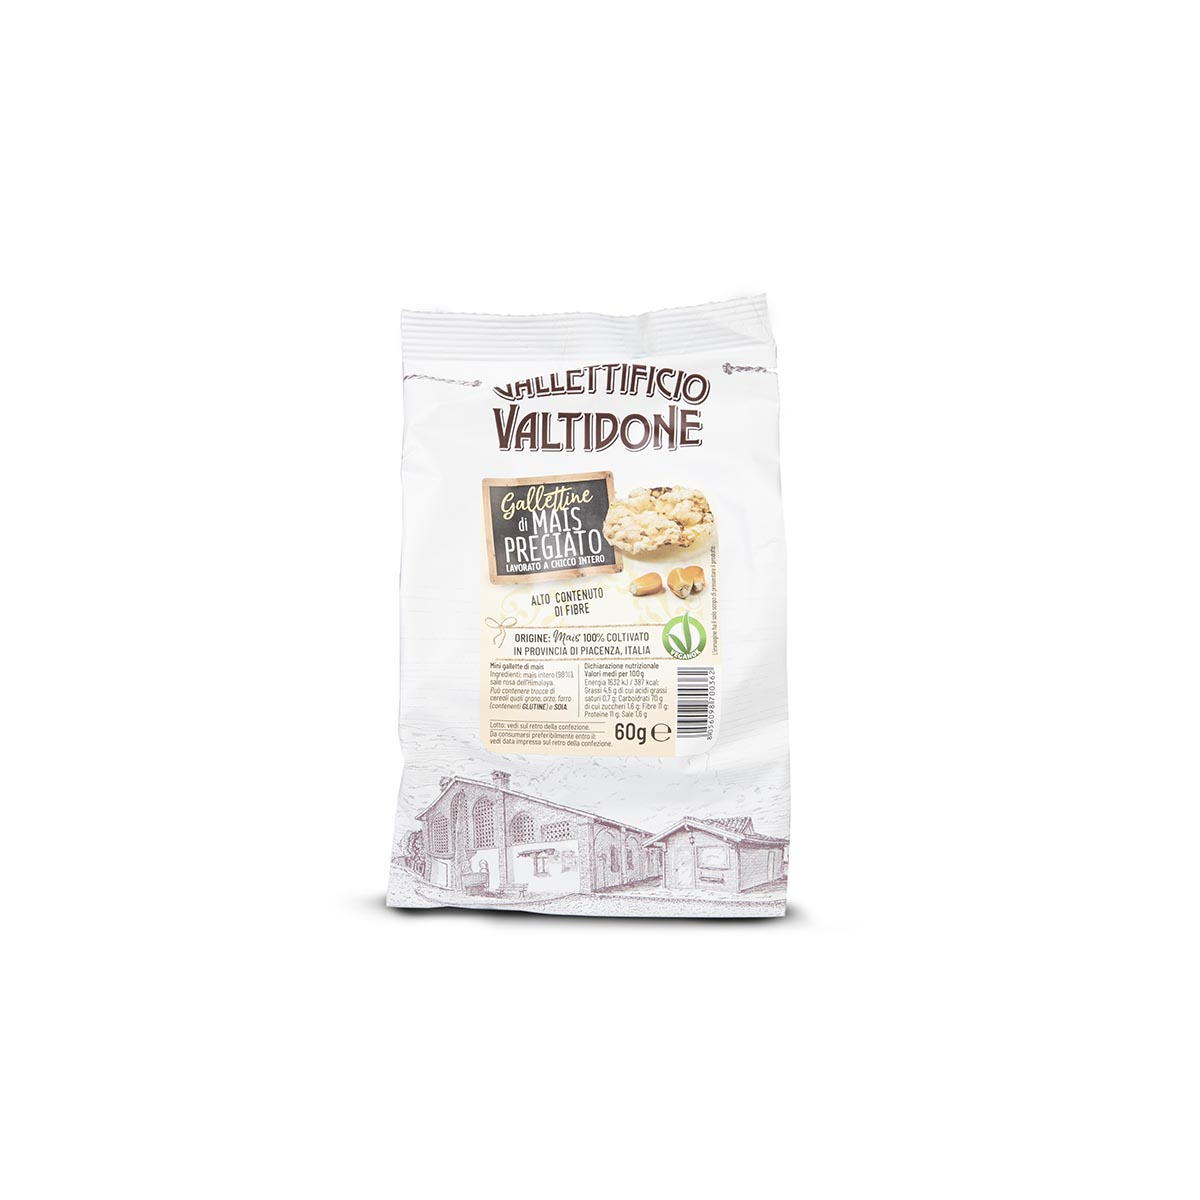 gallettine-di-mais-snack-gallettificio-valtidone-taste-piacenza